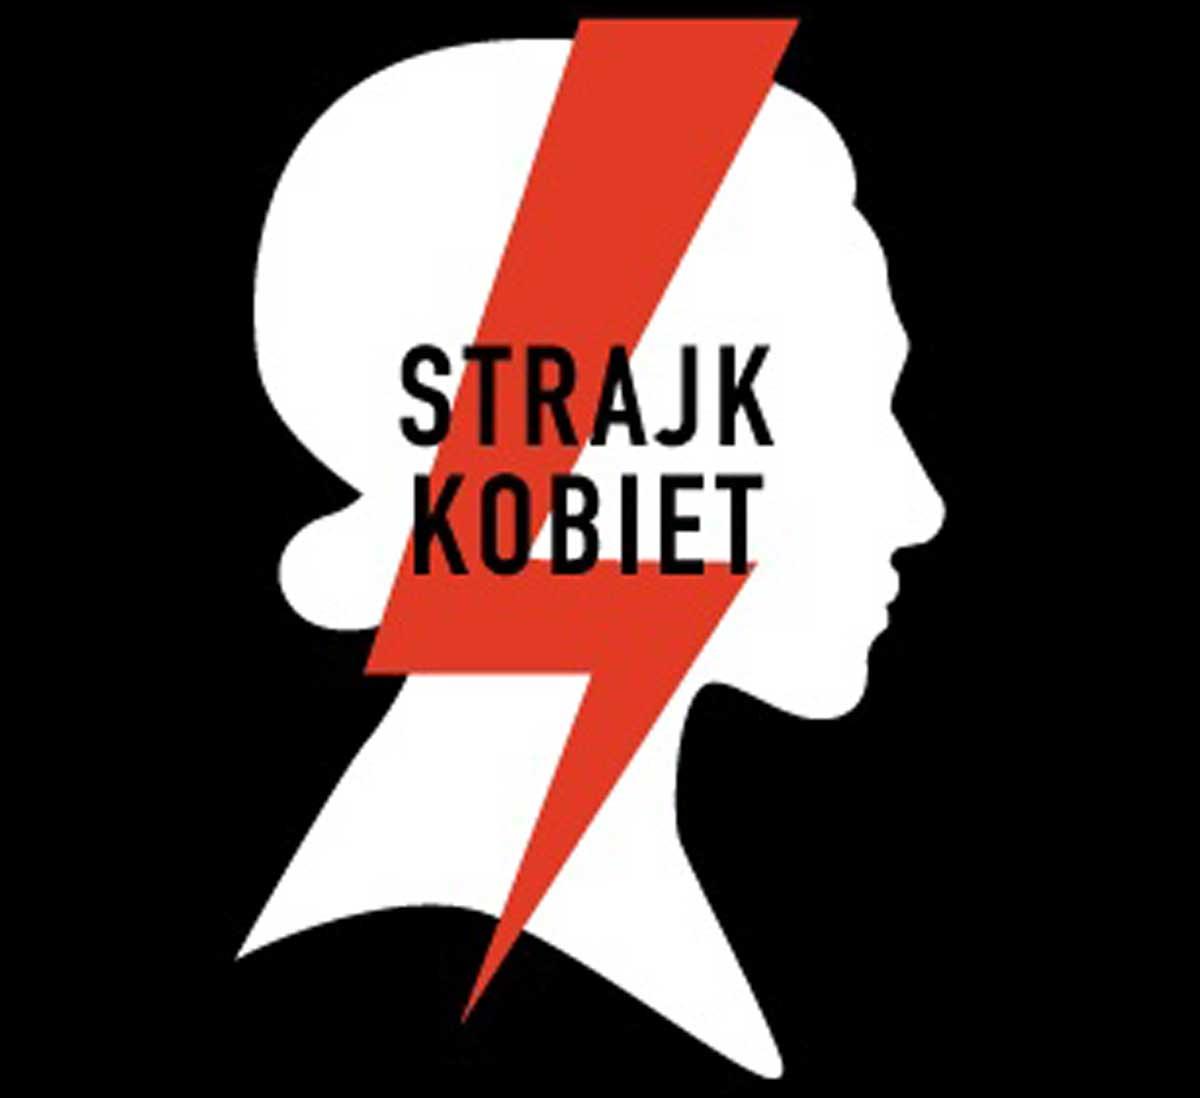 Polonia: cresce protesta contro legge anti aborto - Politica